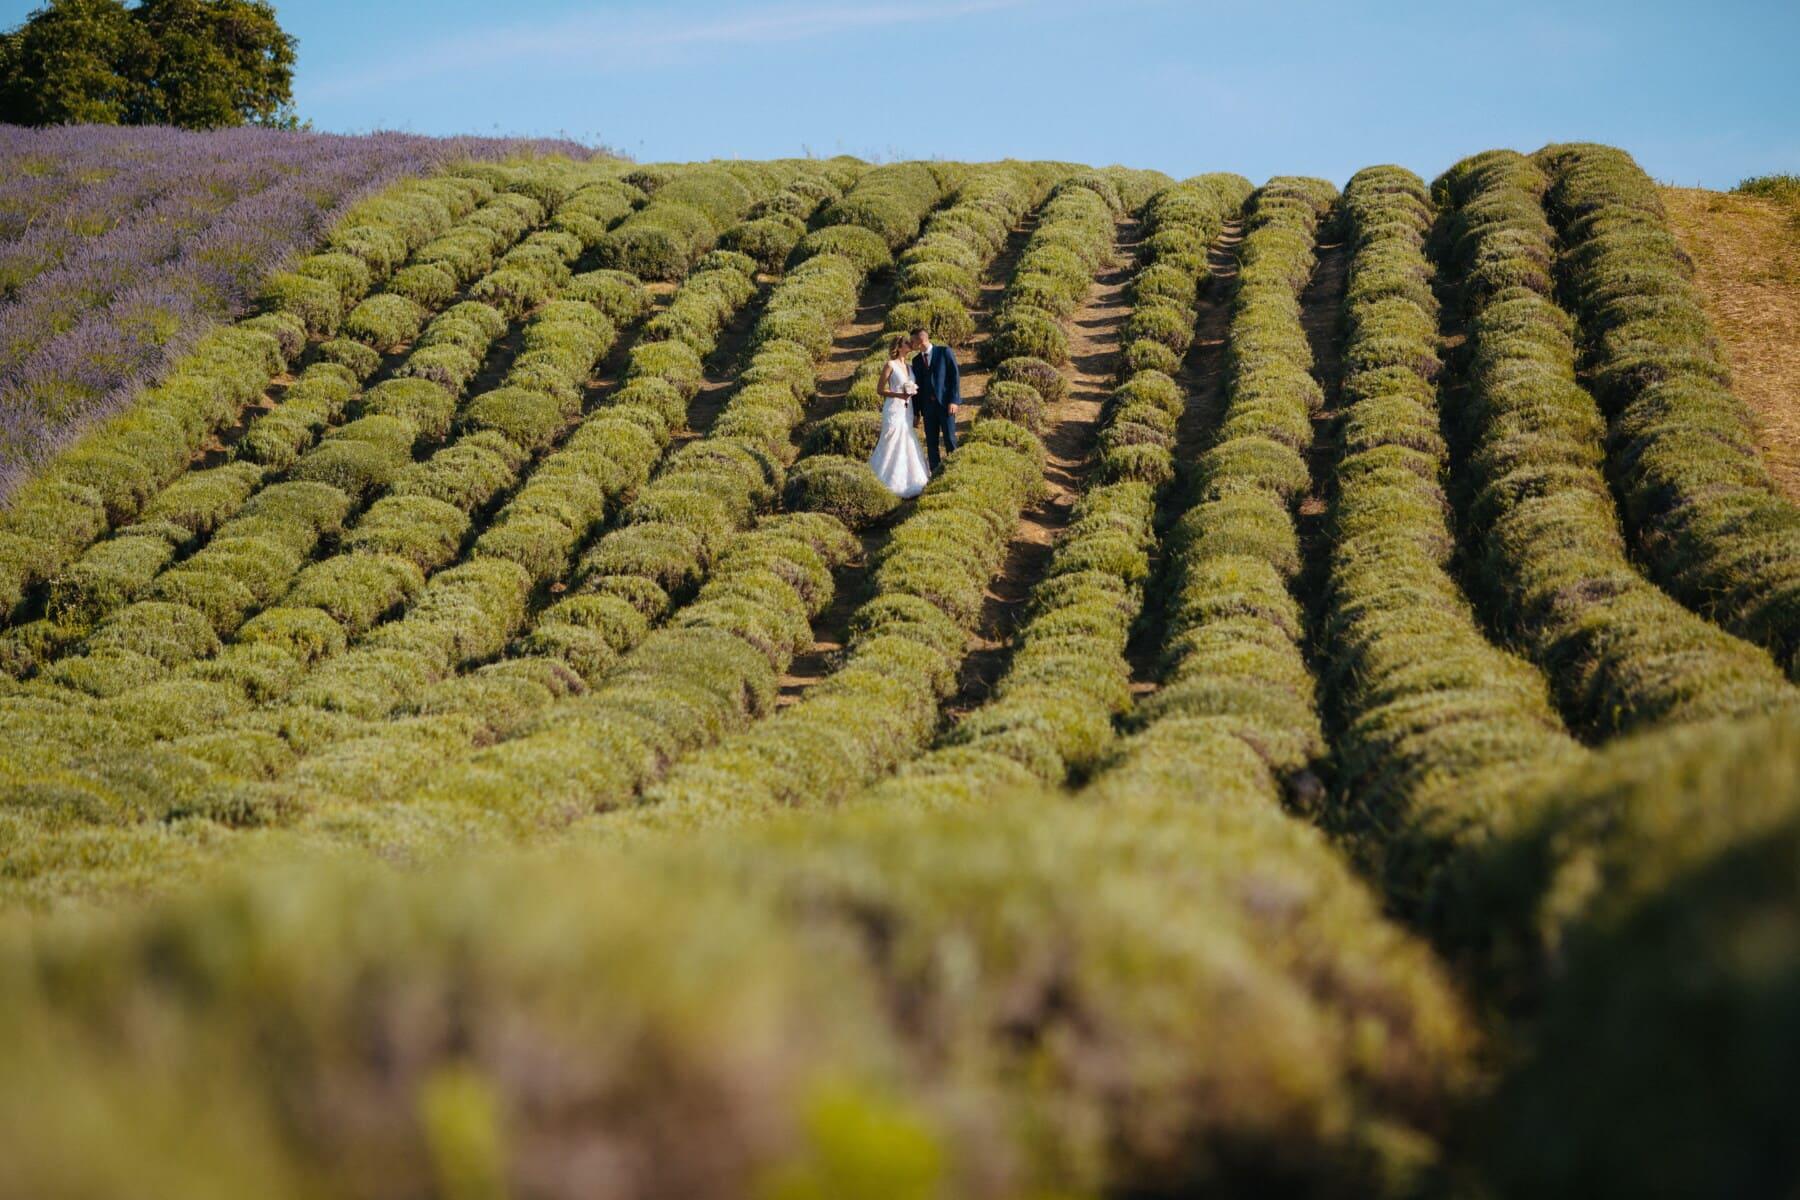 младоженец, току-що женени, булката, хълмове, романтичен, лавандула, селско стопанство, поле, селски, пейзаж